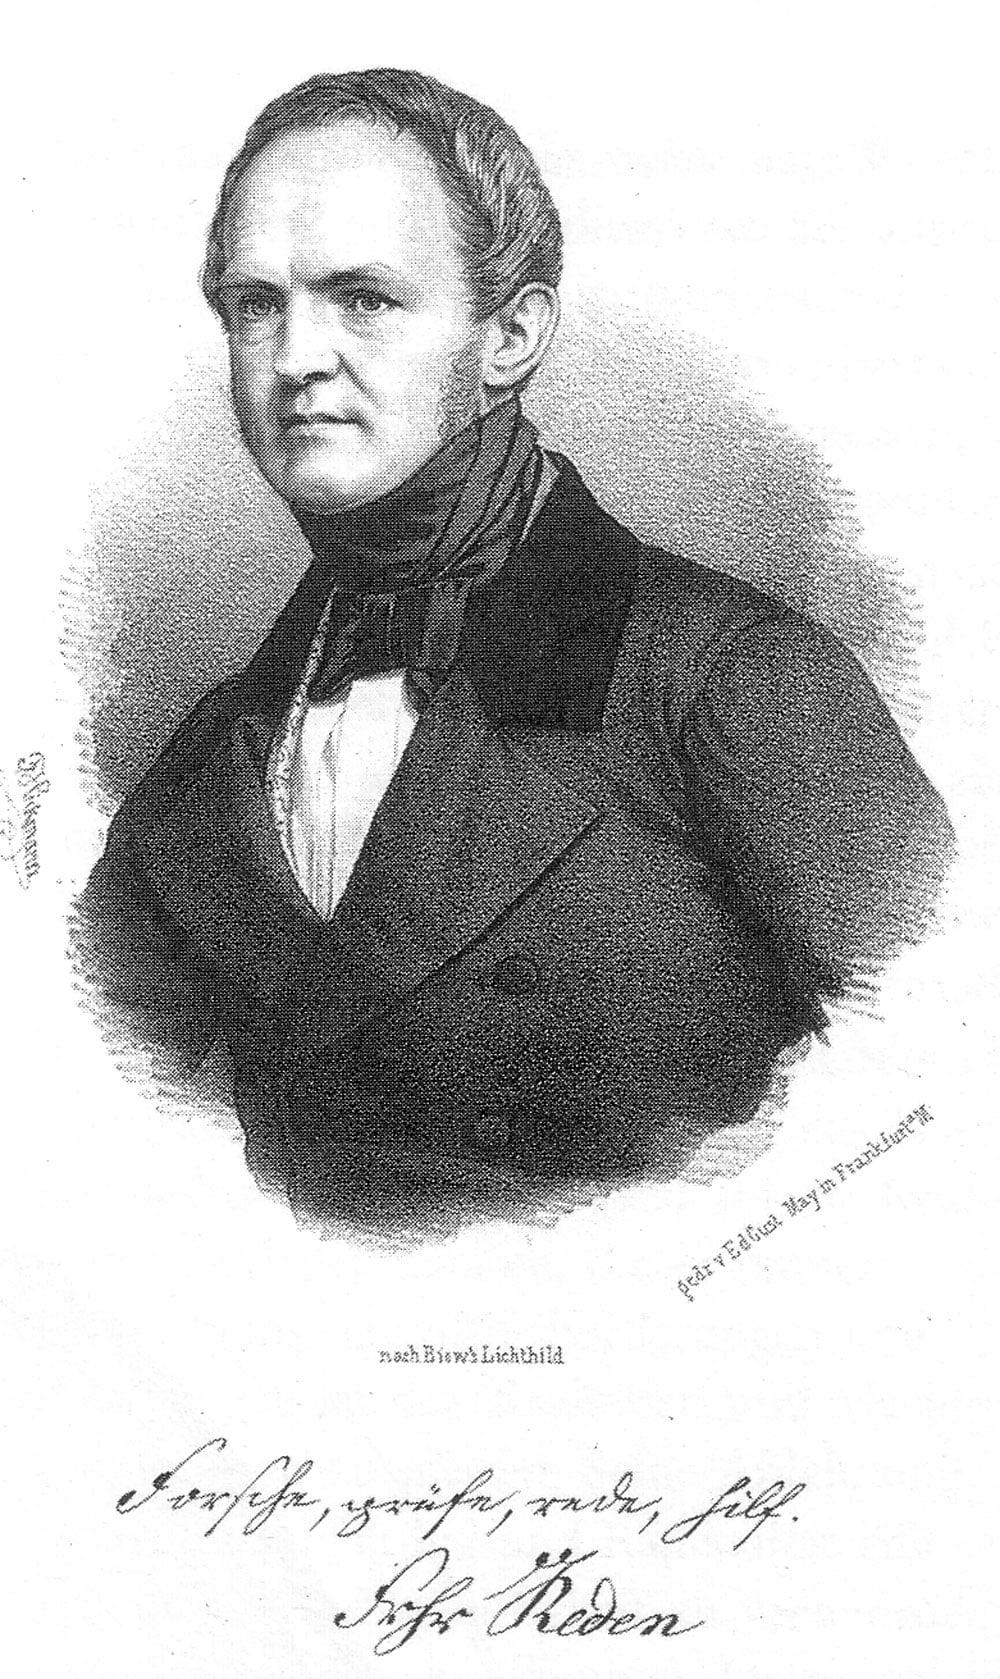 Friedrich Wilhelm Freiherr von Reden.